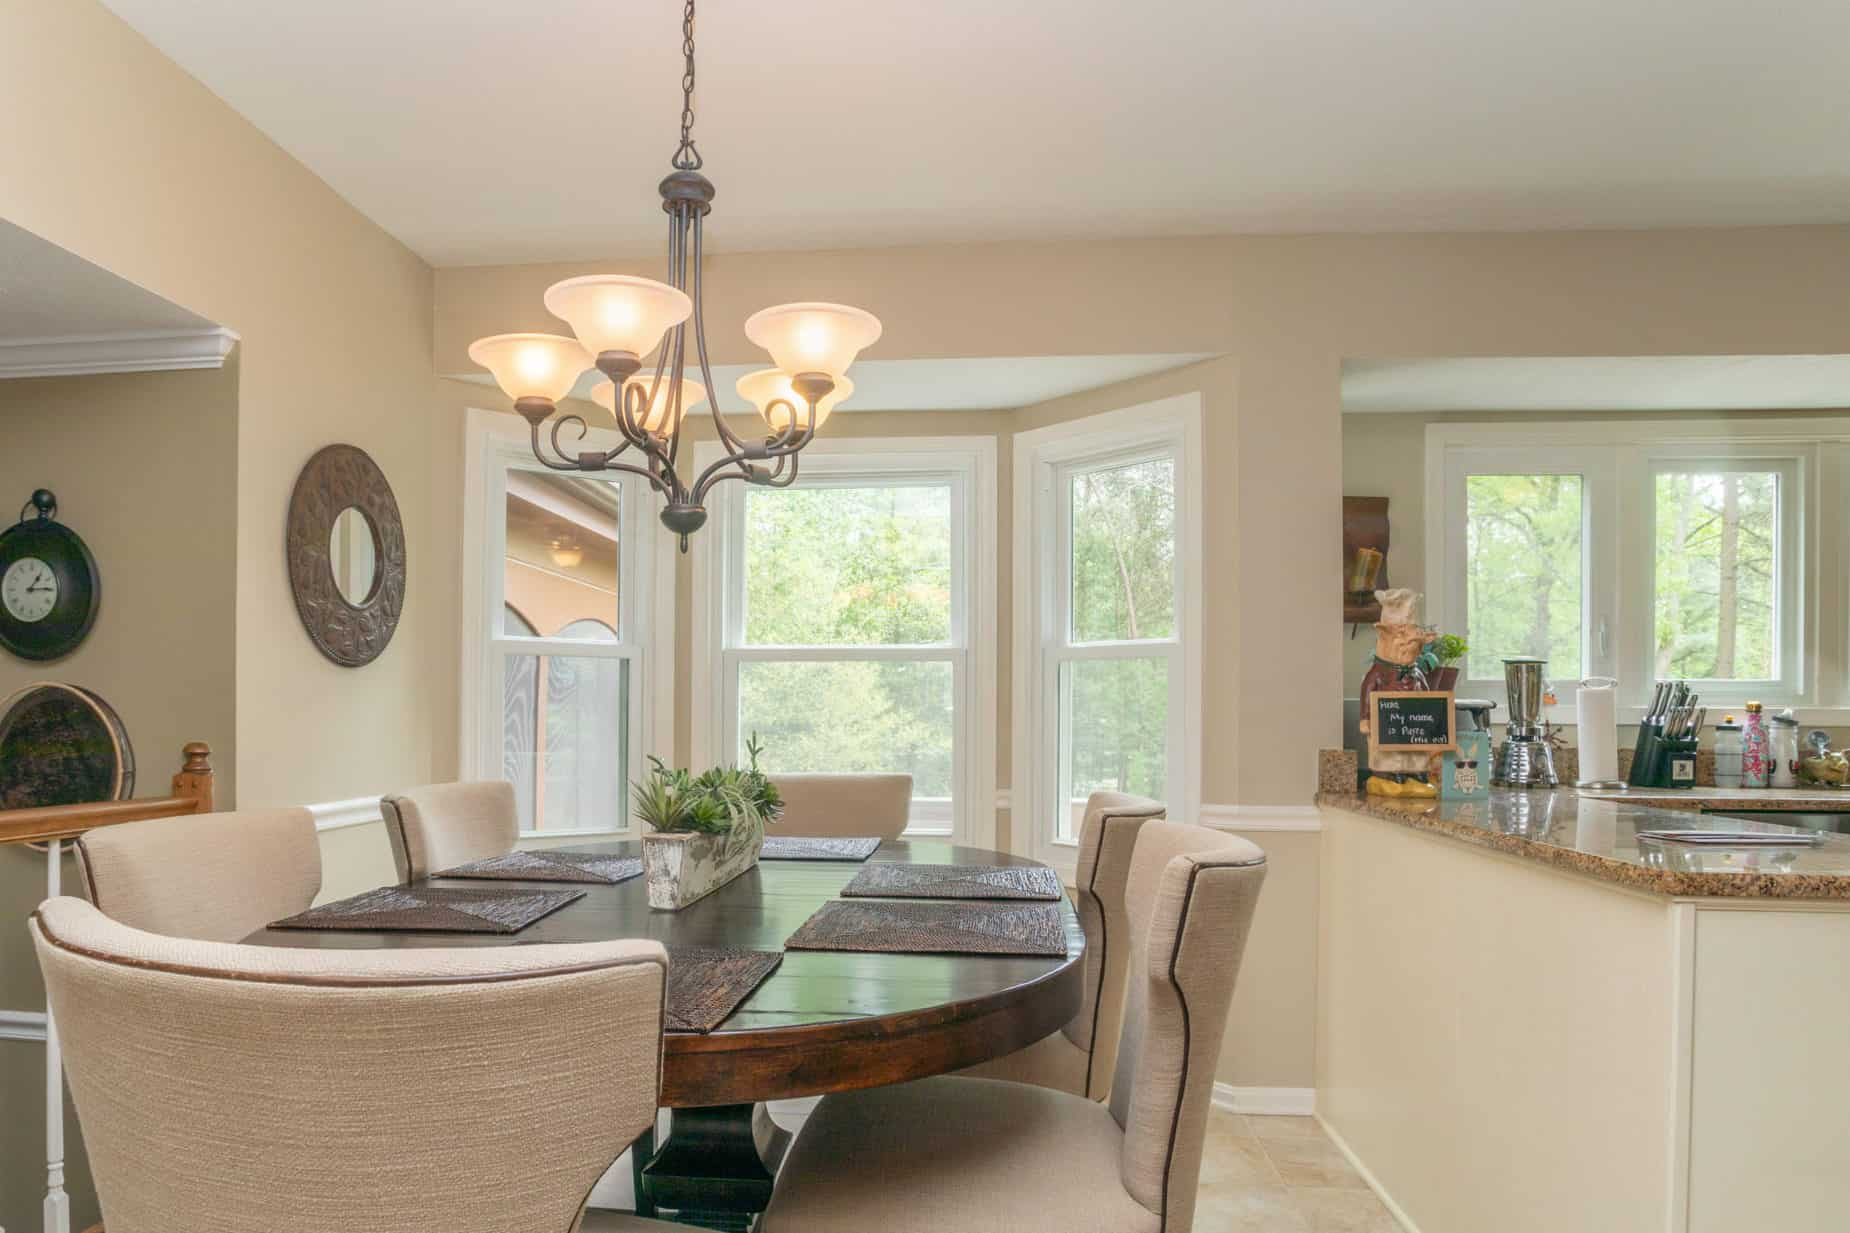 energy efficient windows in kitchen